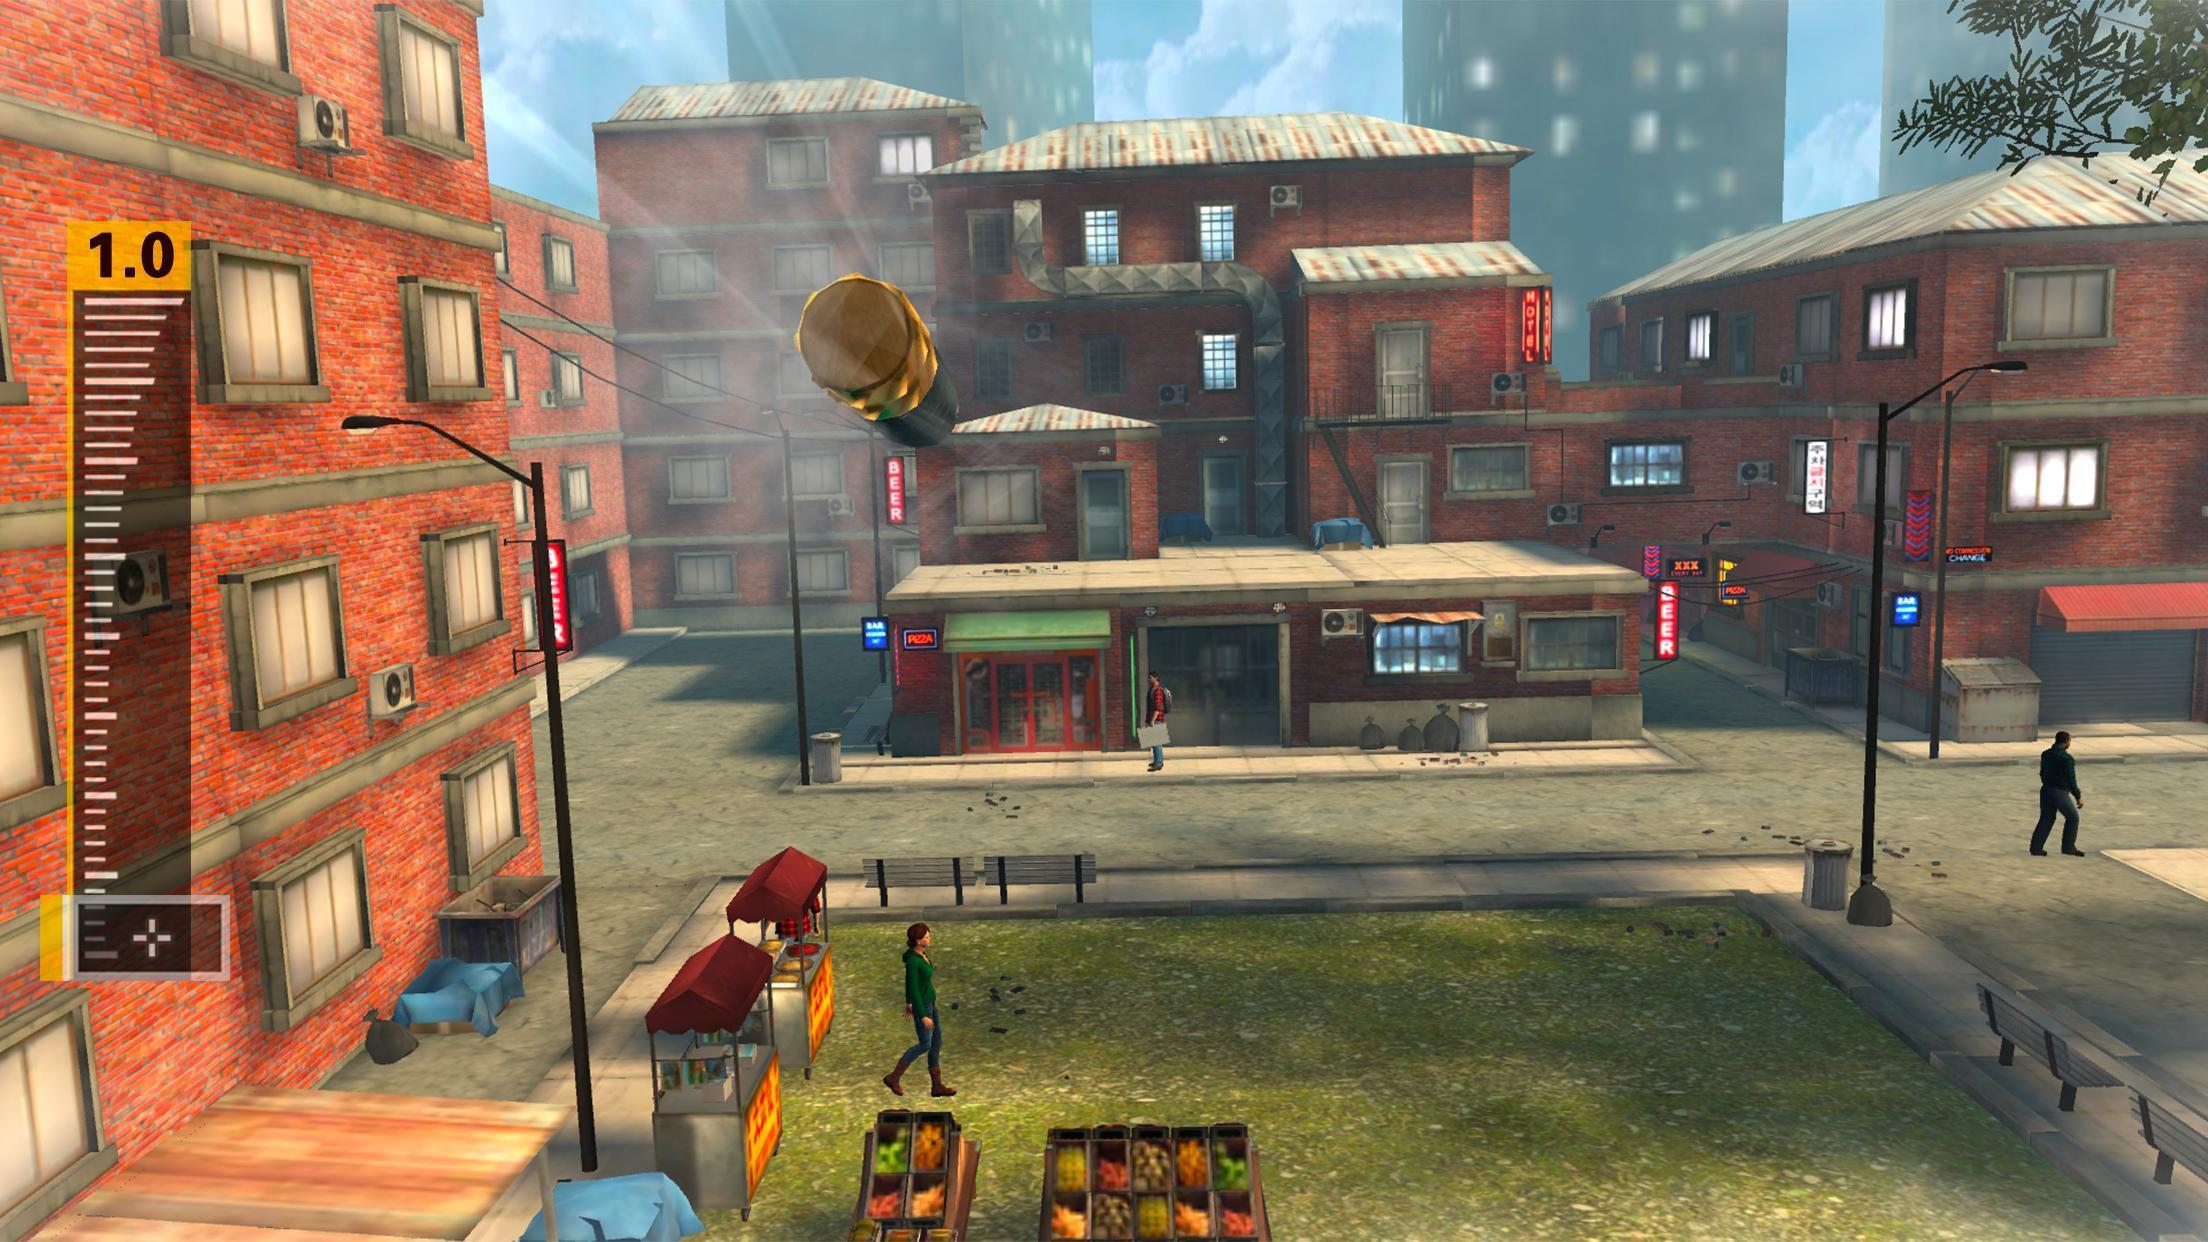 Sniper Honor: Fun FPS 3D Gun Shooting Game 2020 1.8.1 Screenshot 21